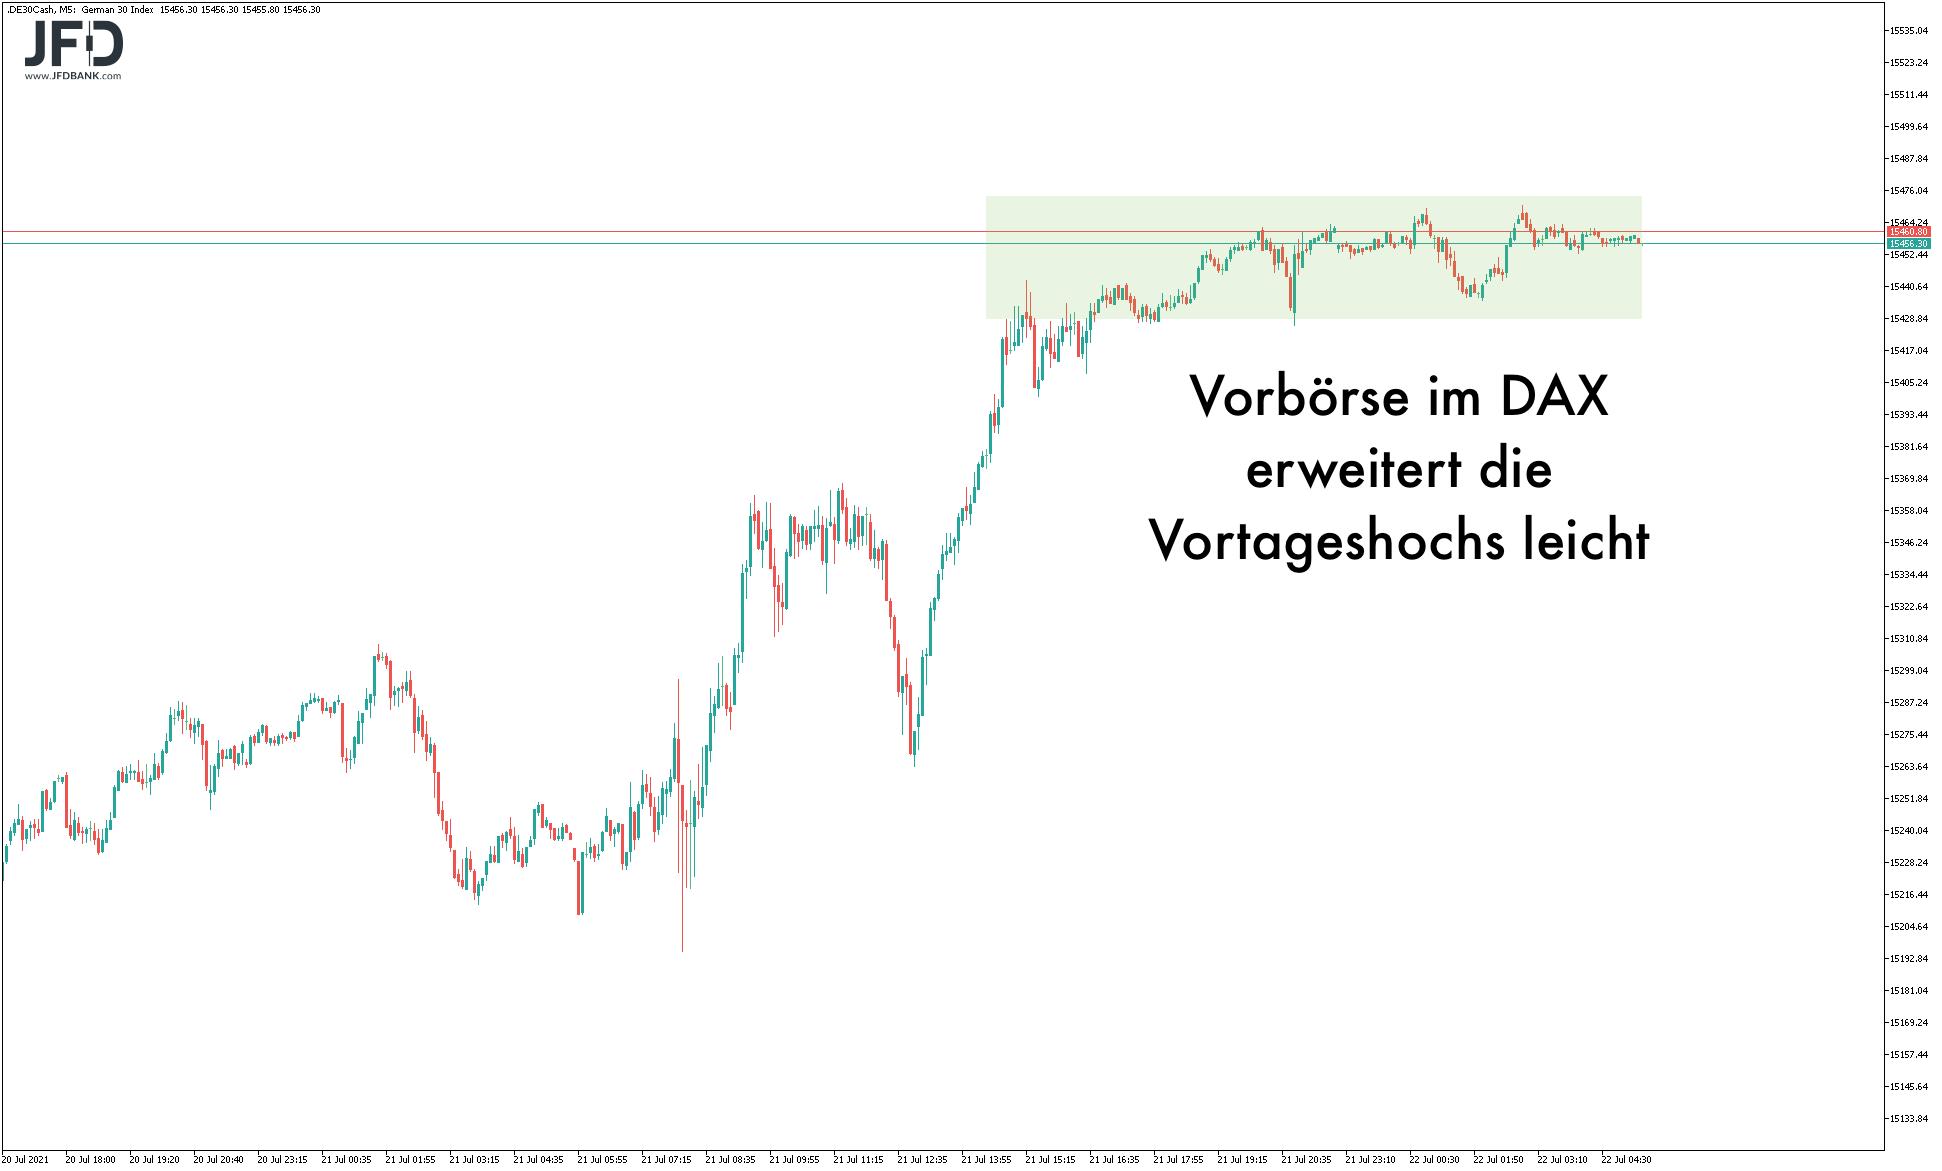 EZB-Sitzung-im-DAX-voraus-Auf-diese-Marken-achten-Trader-Kommentar-JFD-Bank-GodmodeTrader.de-8